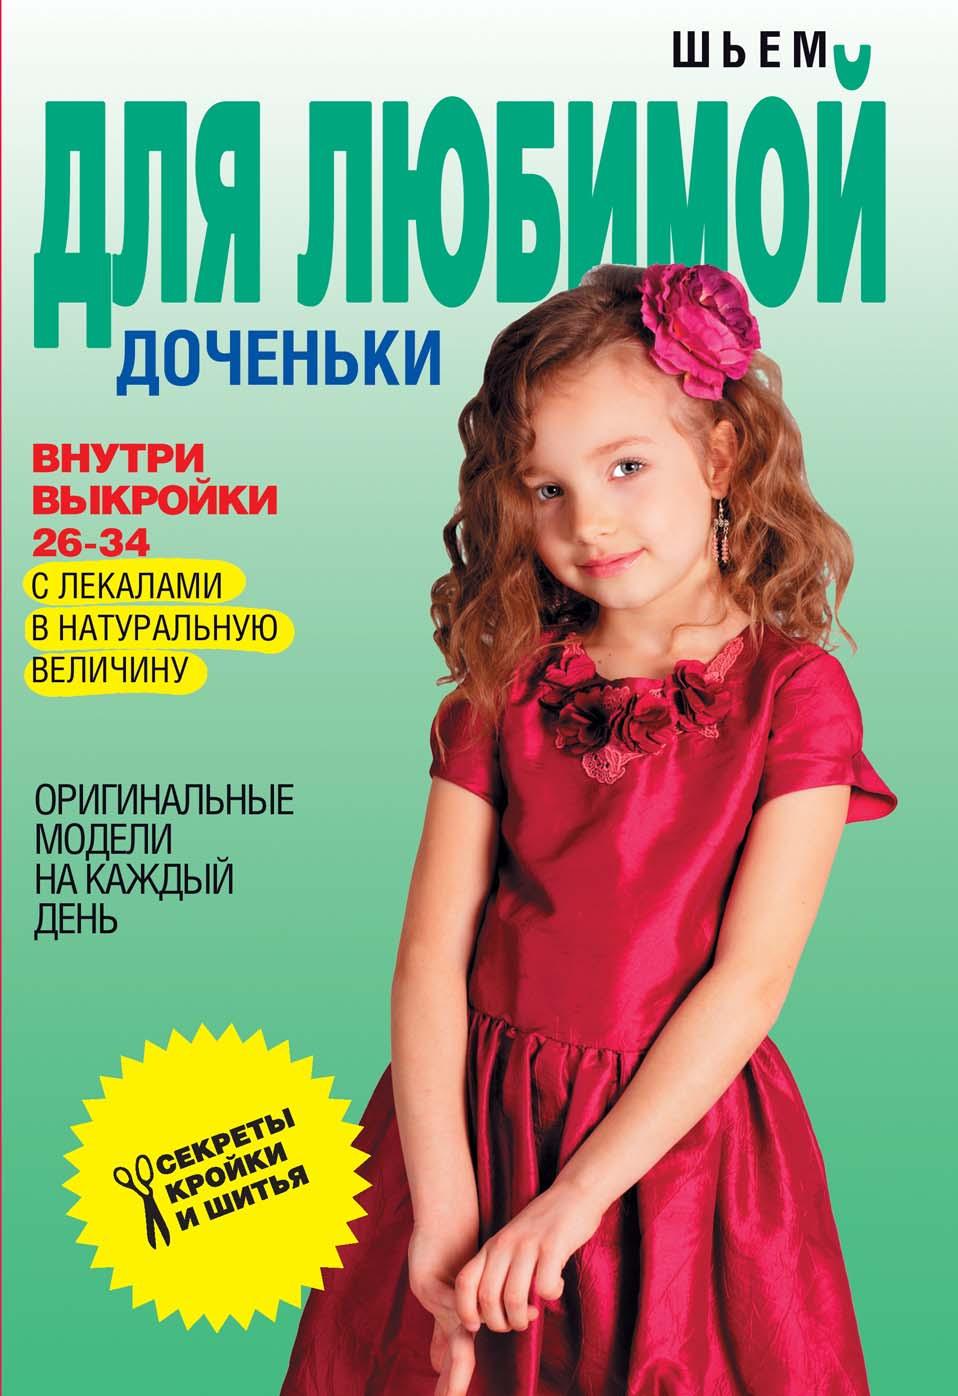 Светлана Ермакова Шьем для любимой доченьки. Оригинальные модели на каждый день светлана ермакова шьем юбки оригинальные модели на каждый день